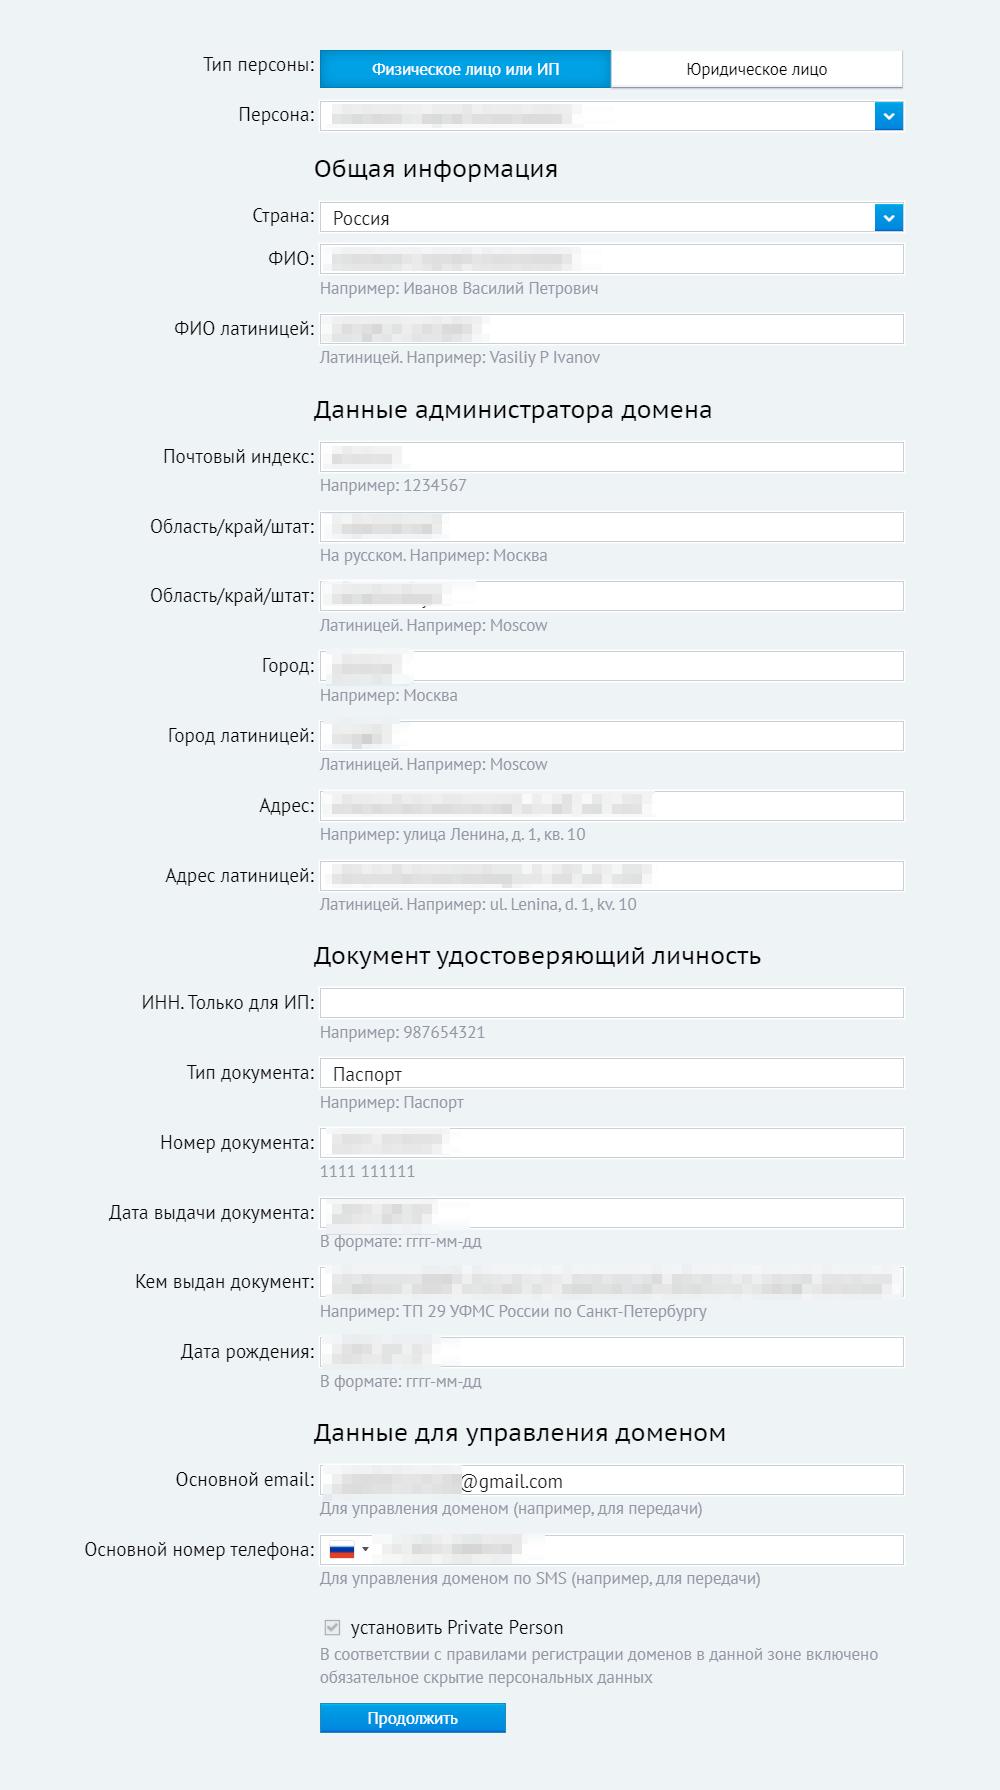 Чтобы зарегистрировать домен, нужно заполнить анкету. Некоторые данные придется вводить дважды: сначала на русском, а после латиницей